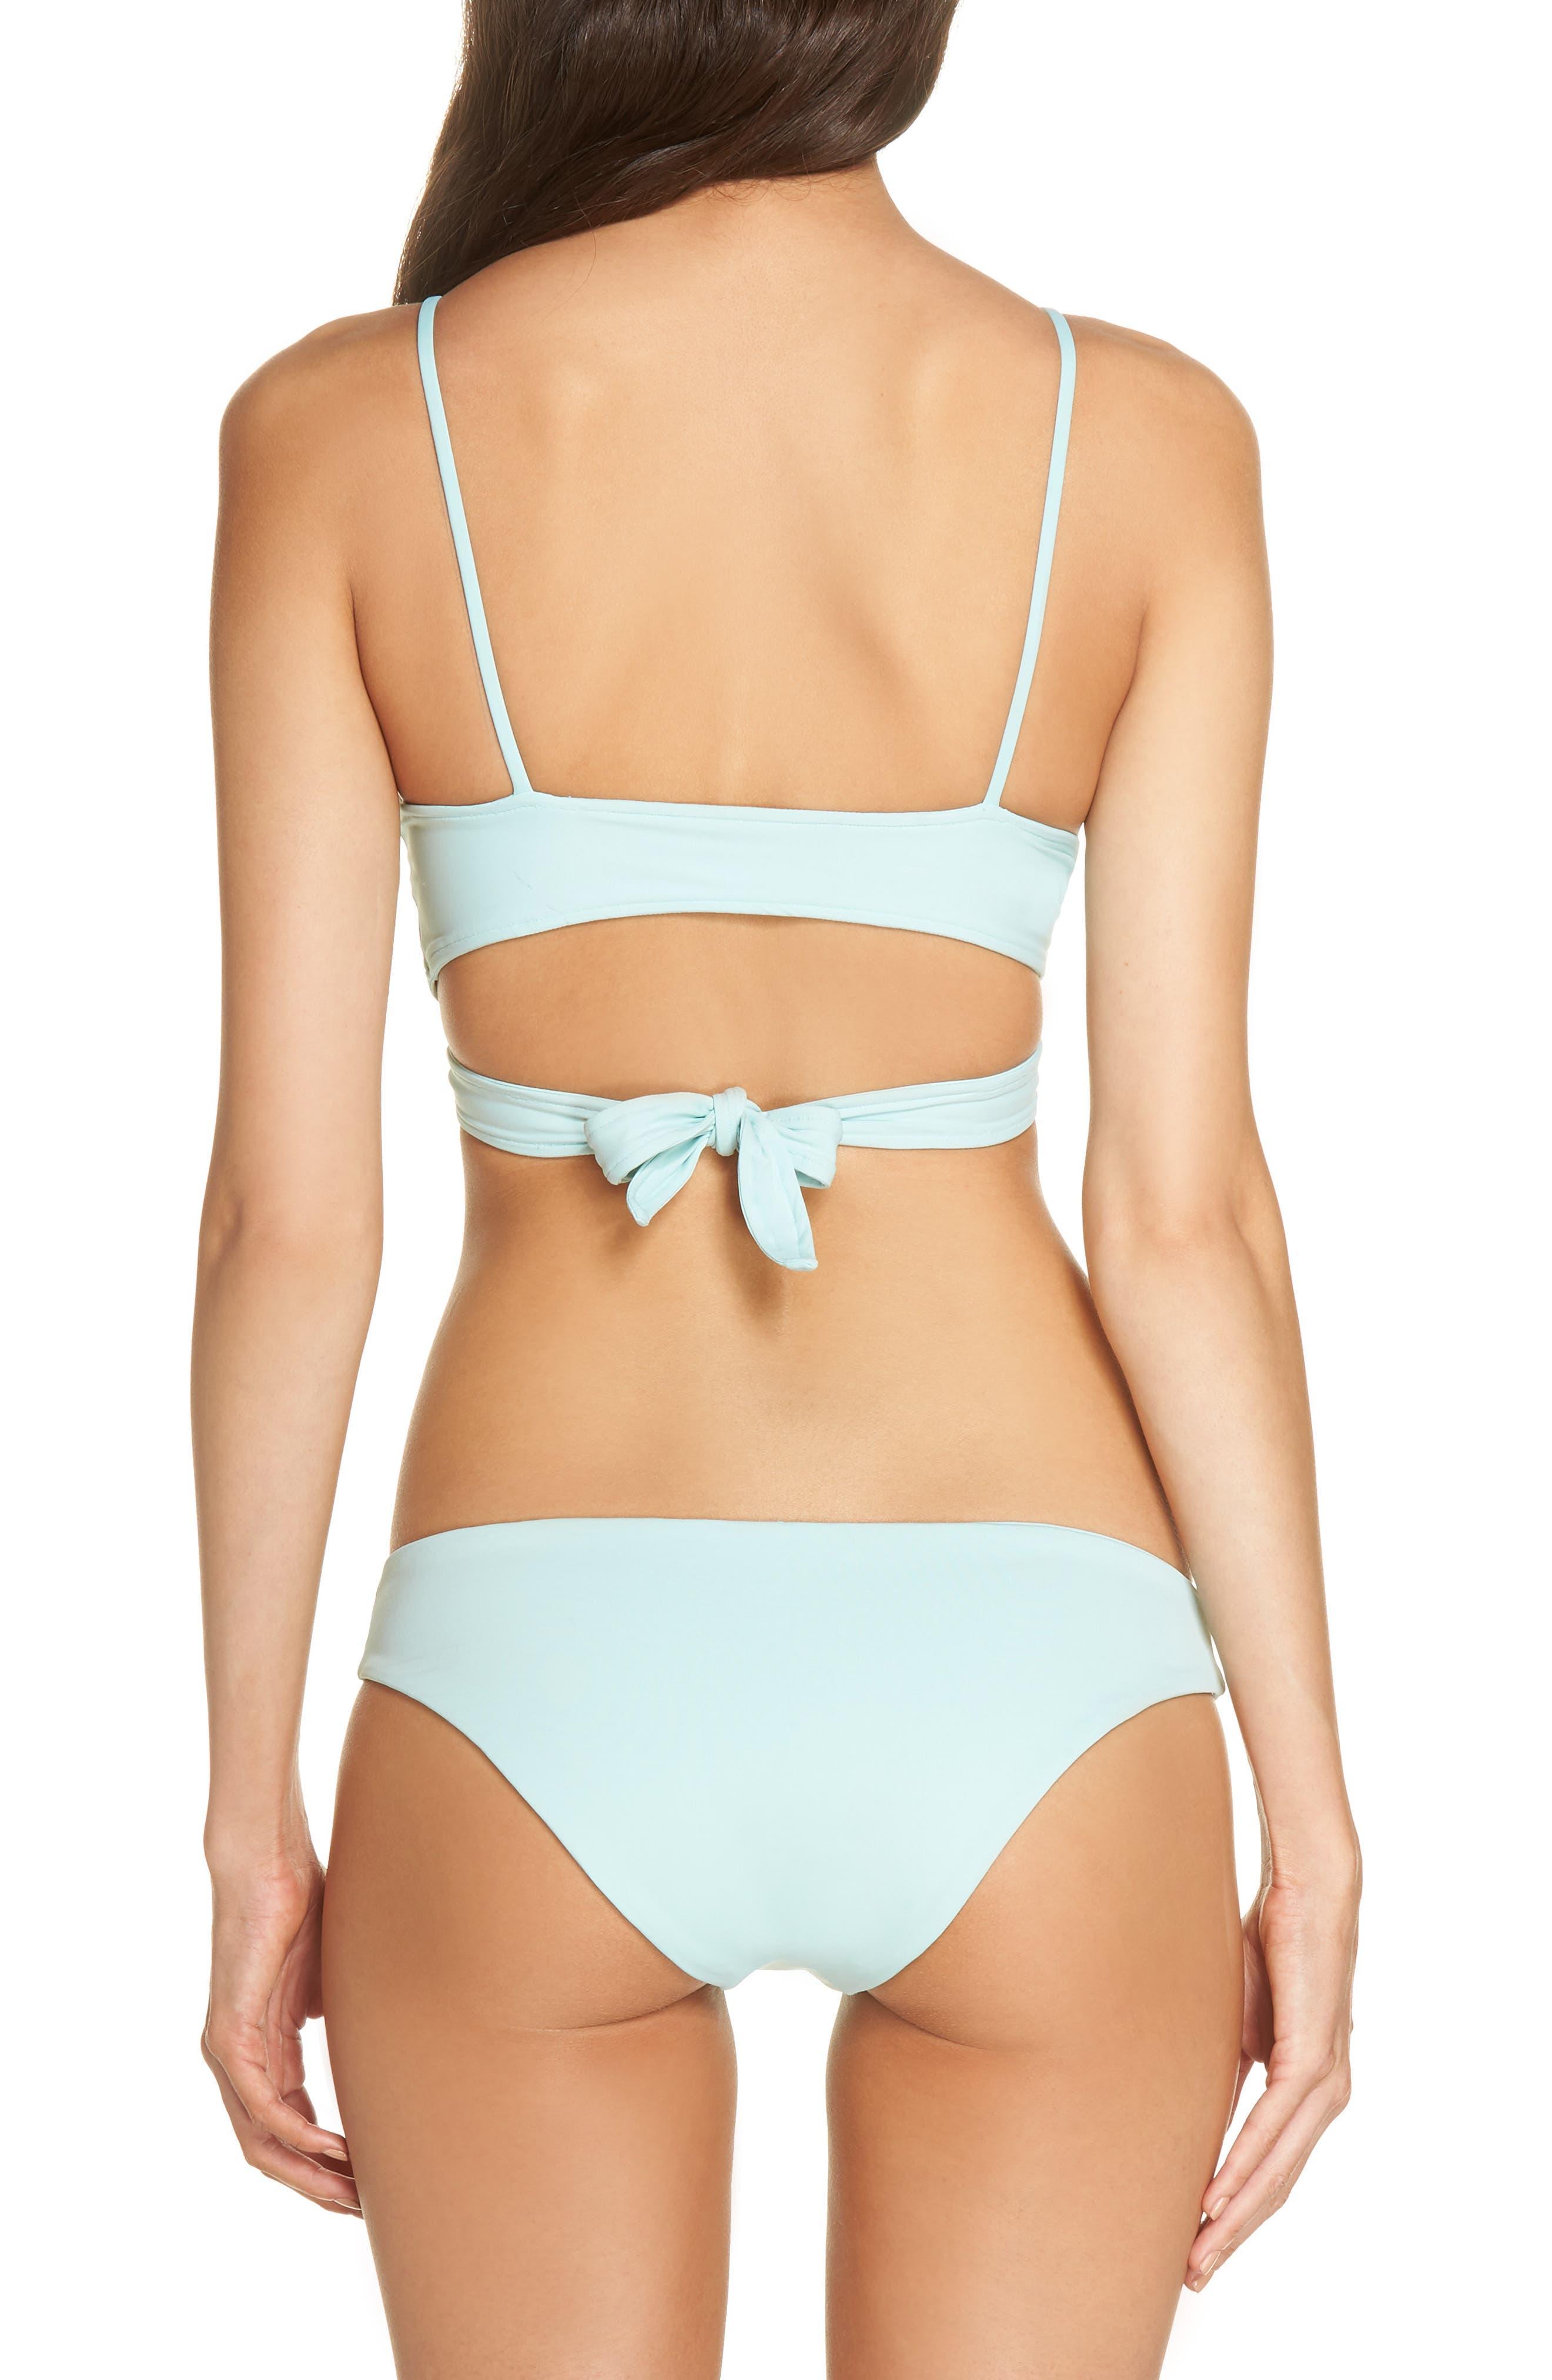 Chloe Wrap Bikini Top,                             Alternate thumbnail 7, color,                             Light Turquoise